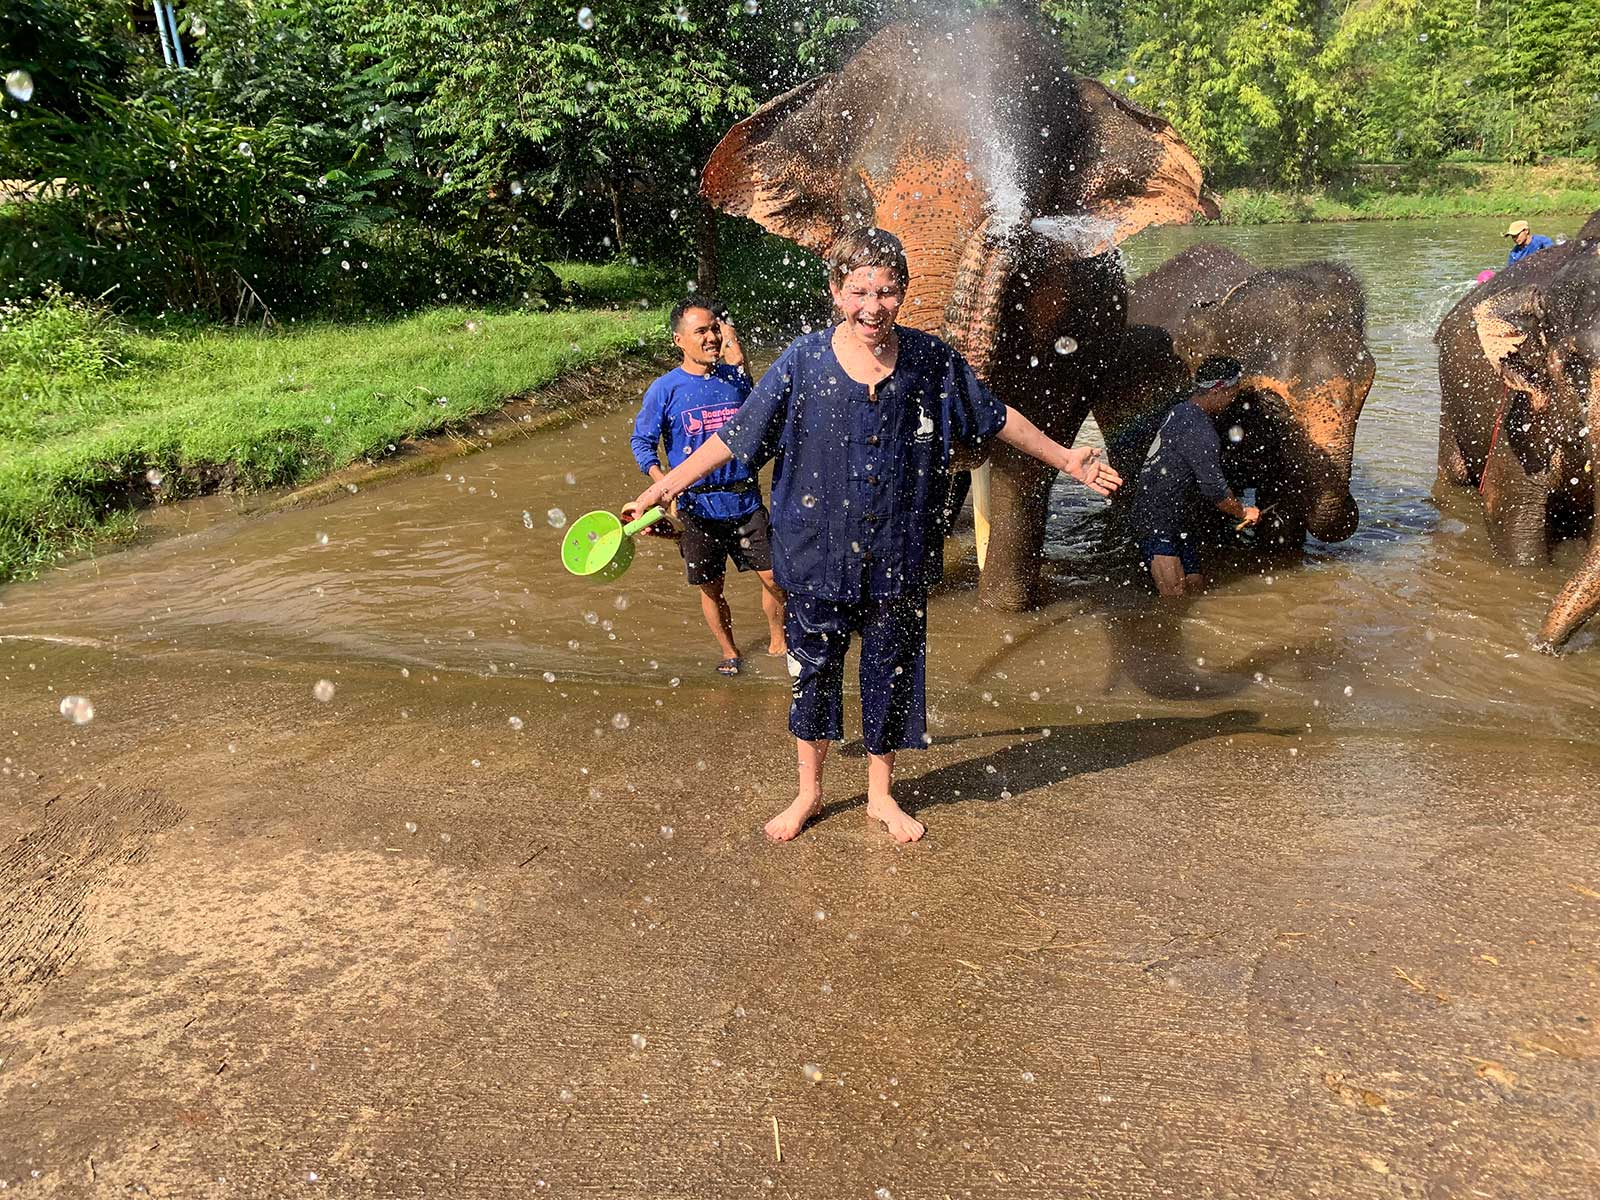 Viaje a Tailandia con niños - Autor Andrei Korolev